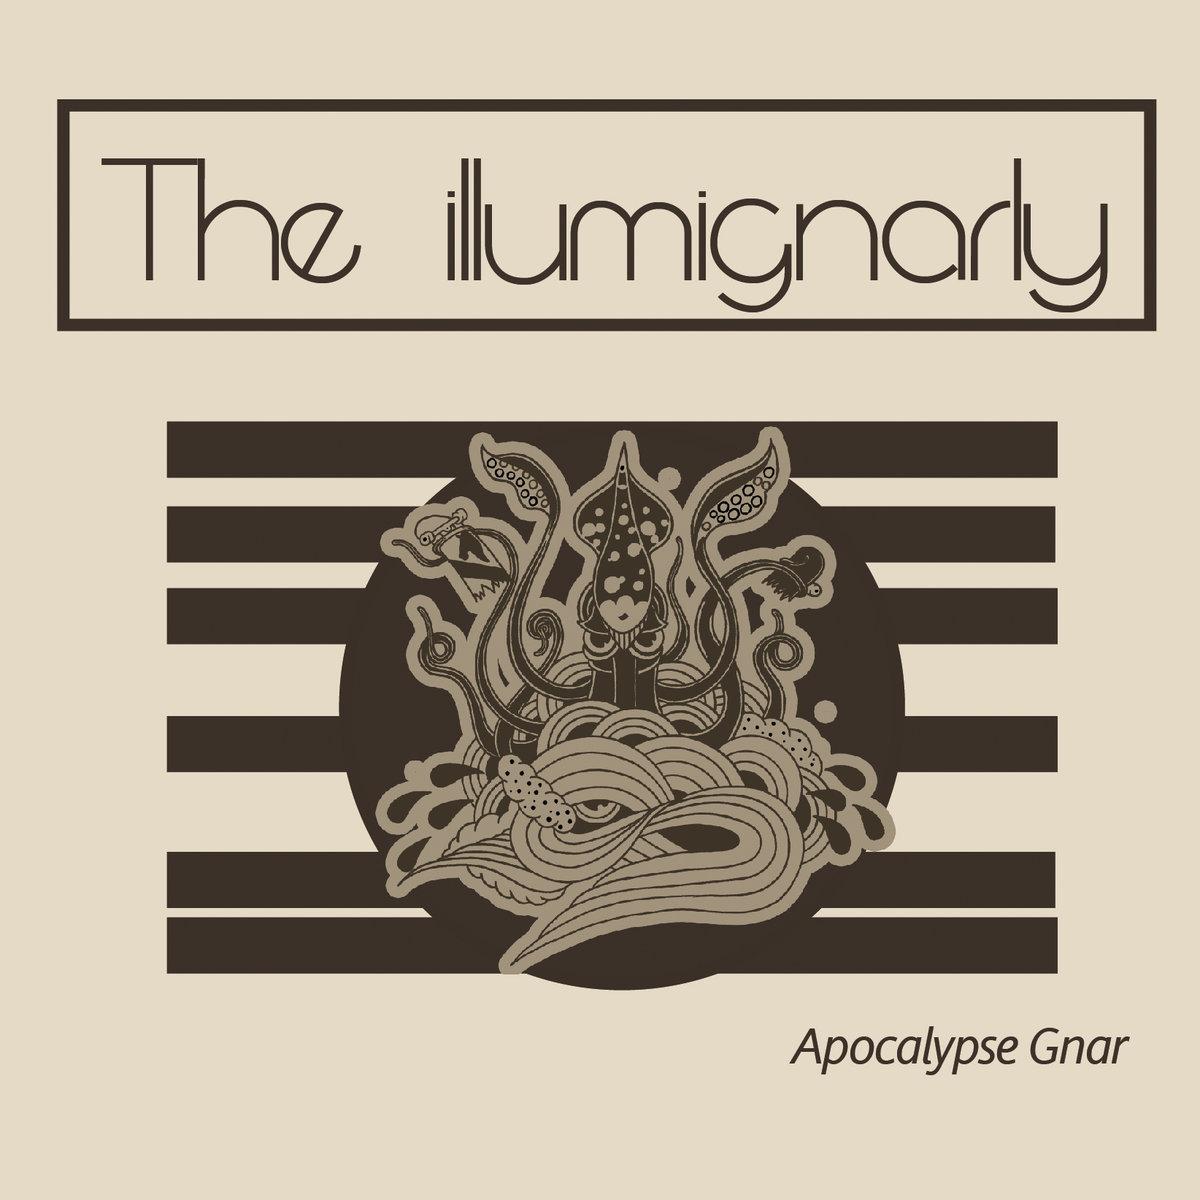 The Illumignarly- Apocalypse Gnar